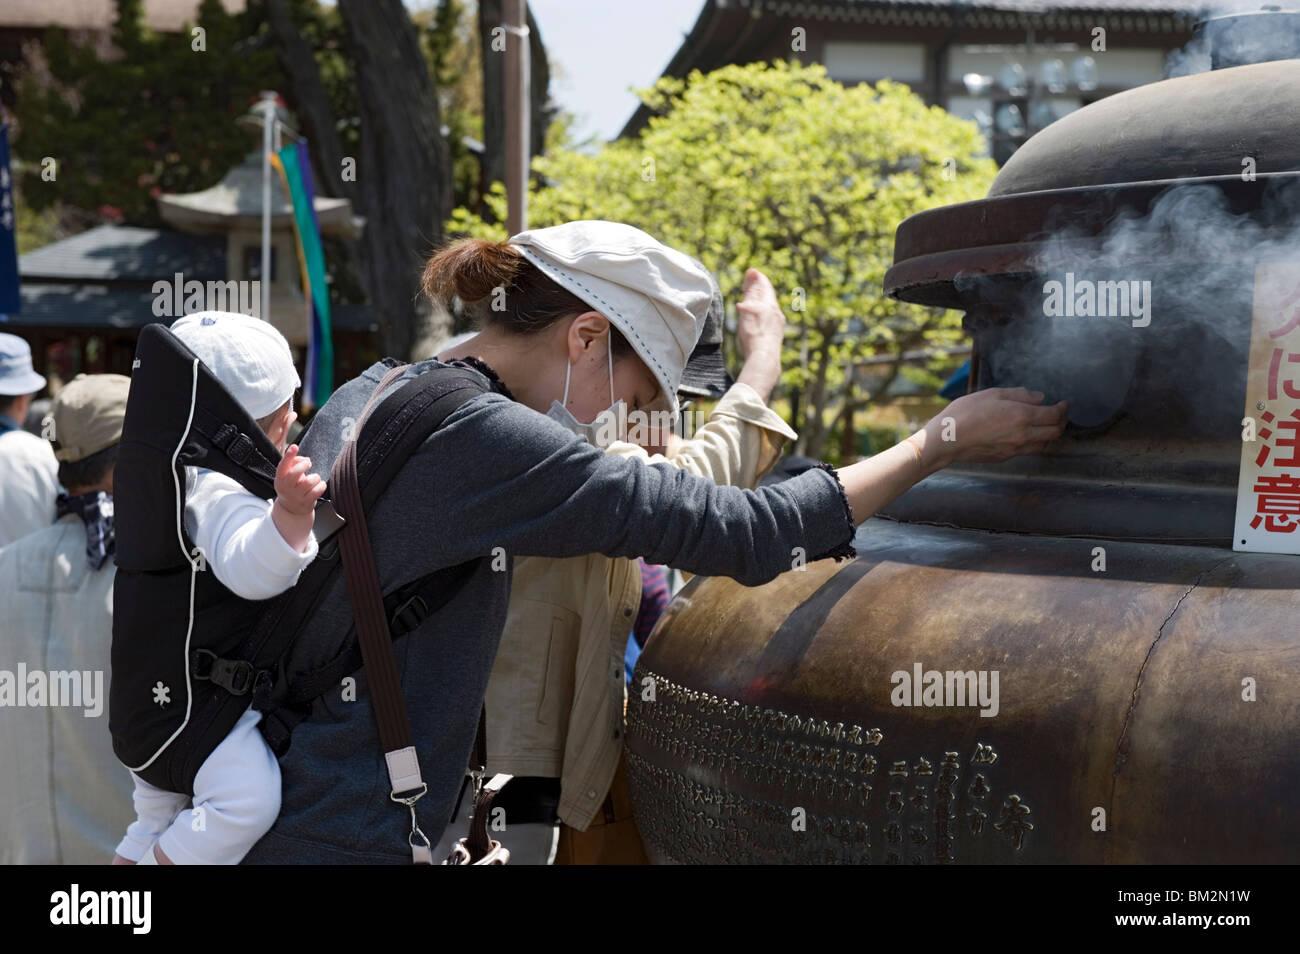 Mutter mit Baby mit Weihrauch Rauch zu heilen körperliche Beschwerden bei Zenkoji Tempel, Nagano-City, Japan Stockbild